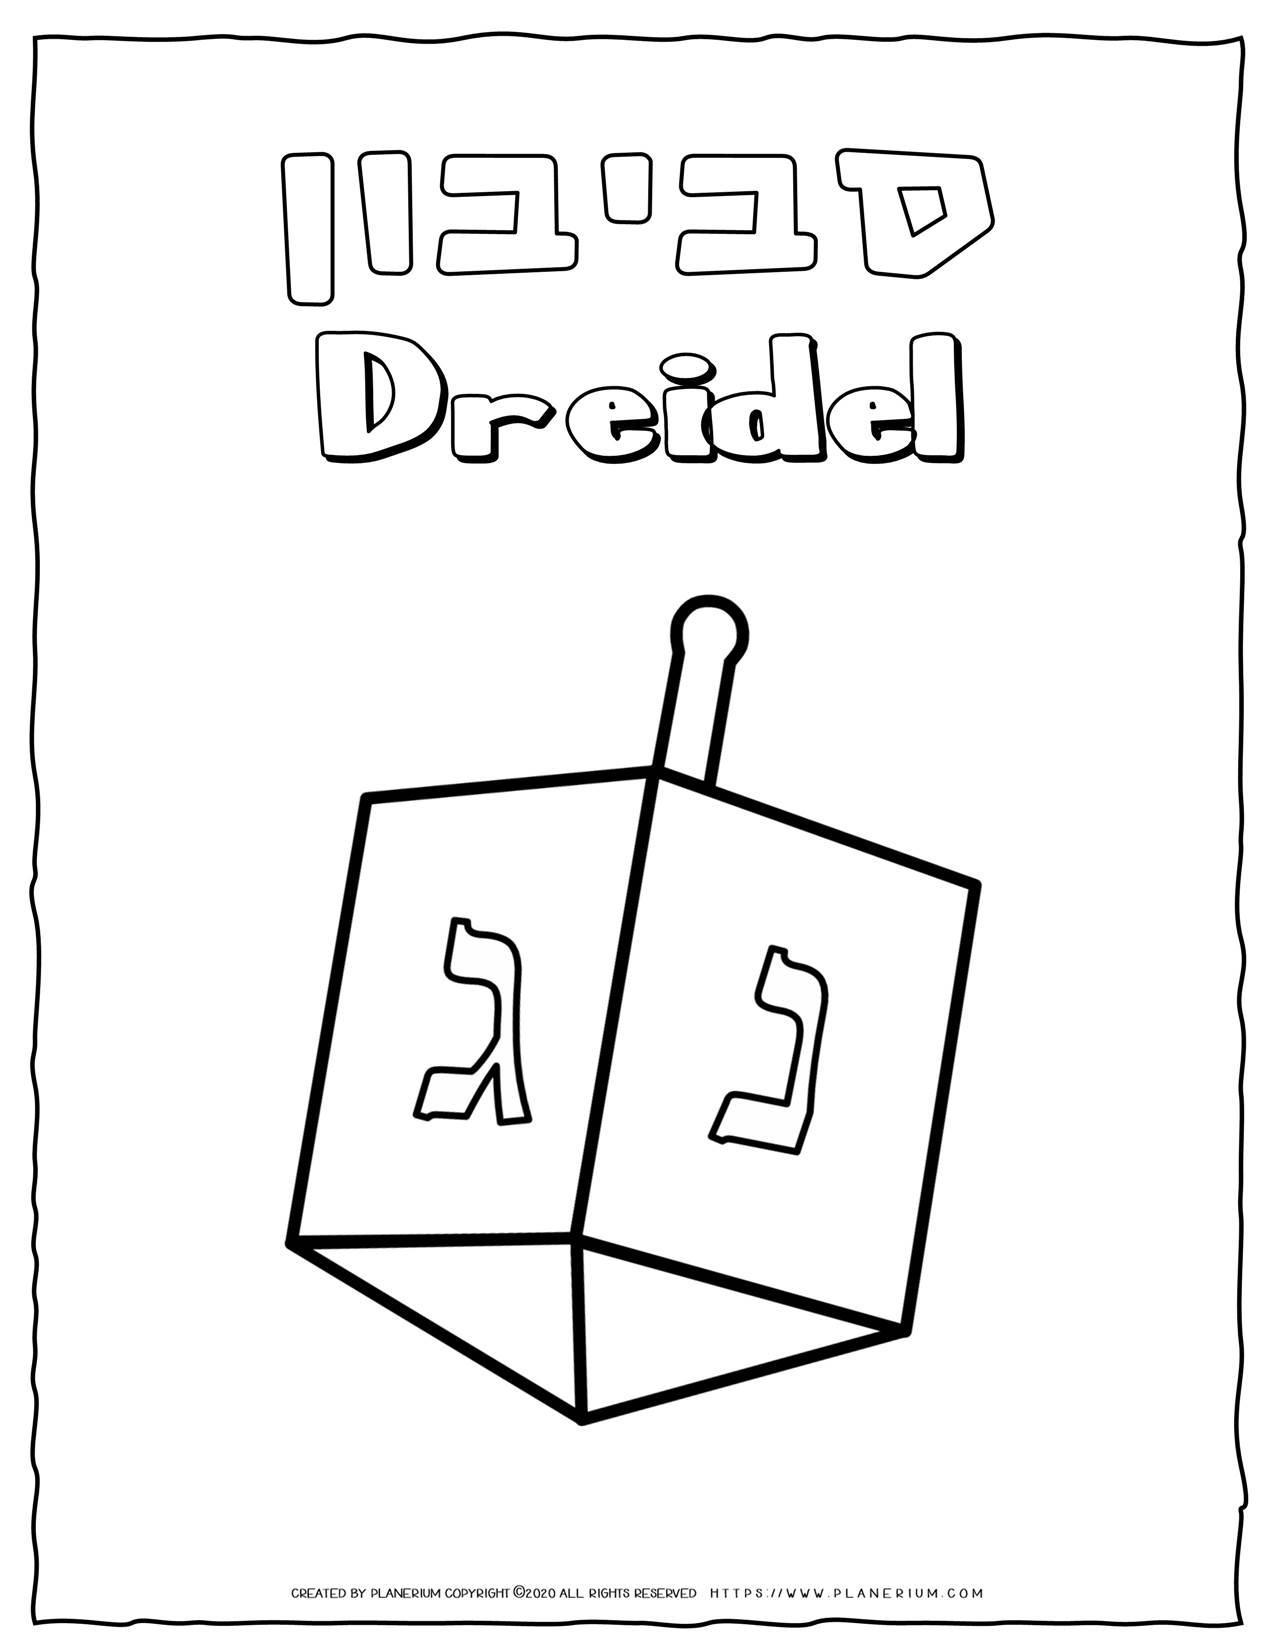 Dreidel Coloring Page - Hebrew English - Free Printable | Planerium